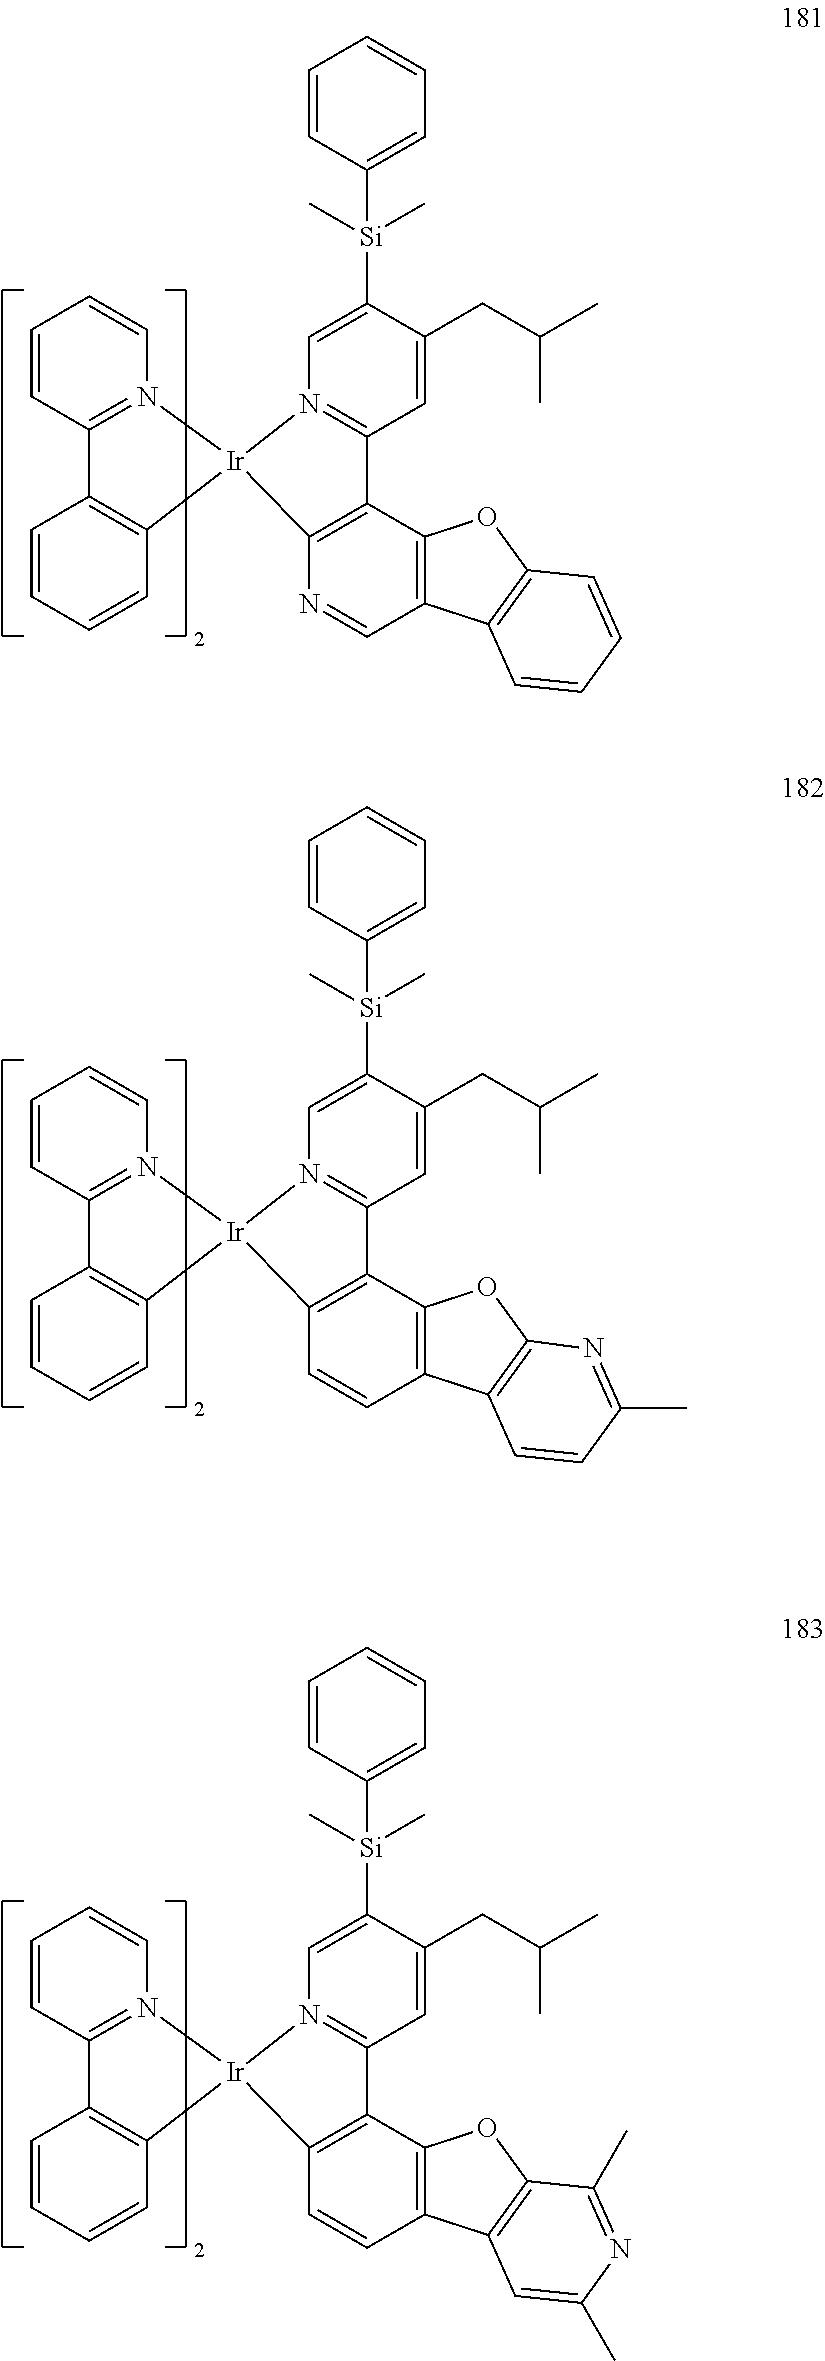 Figure US20160155962A1-20160602-C00381